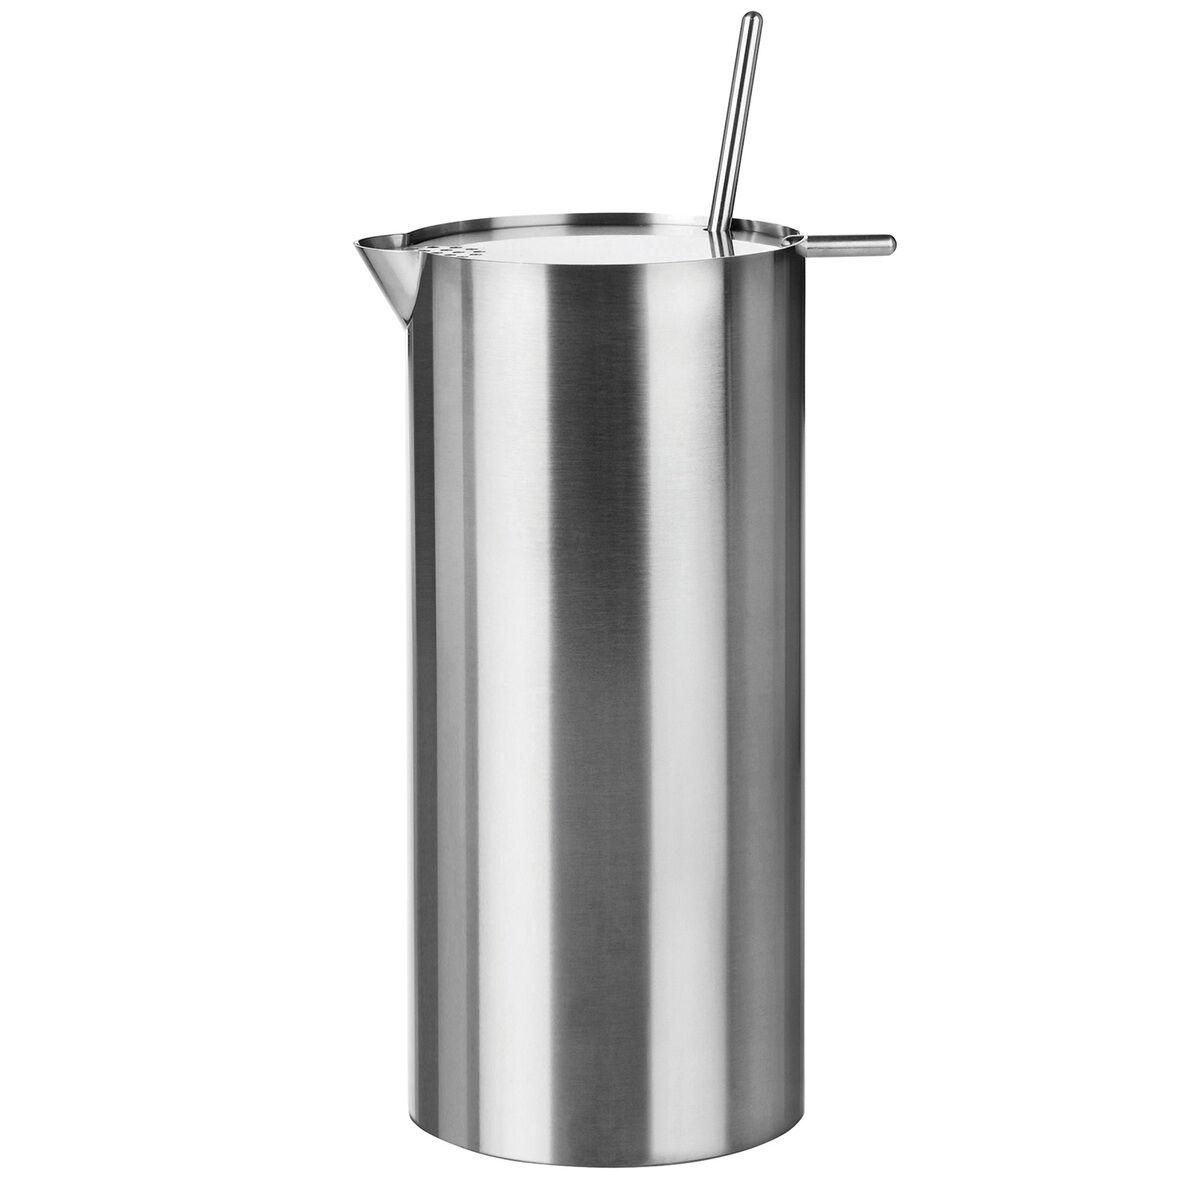 Stelton Arne Jacobsen martini mixer